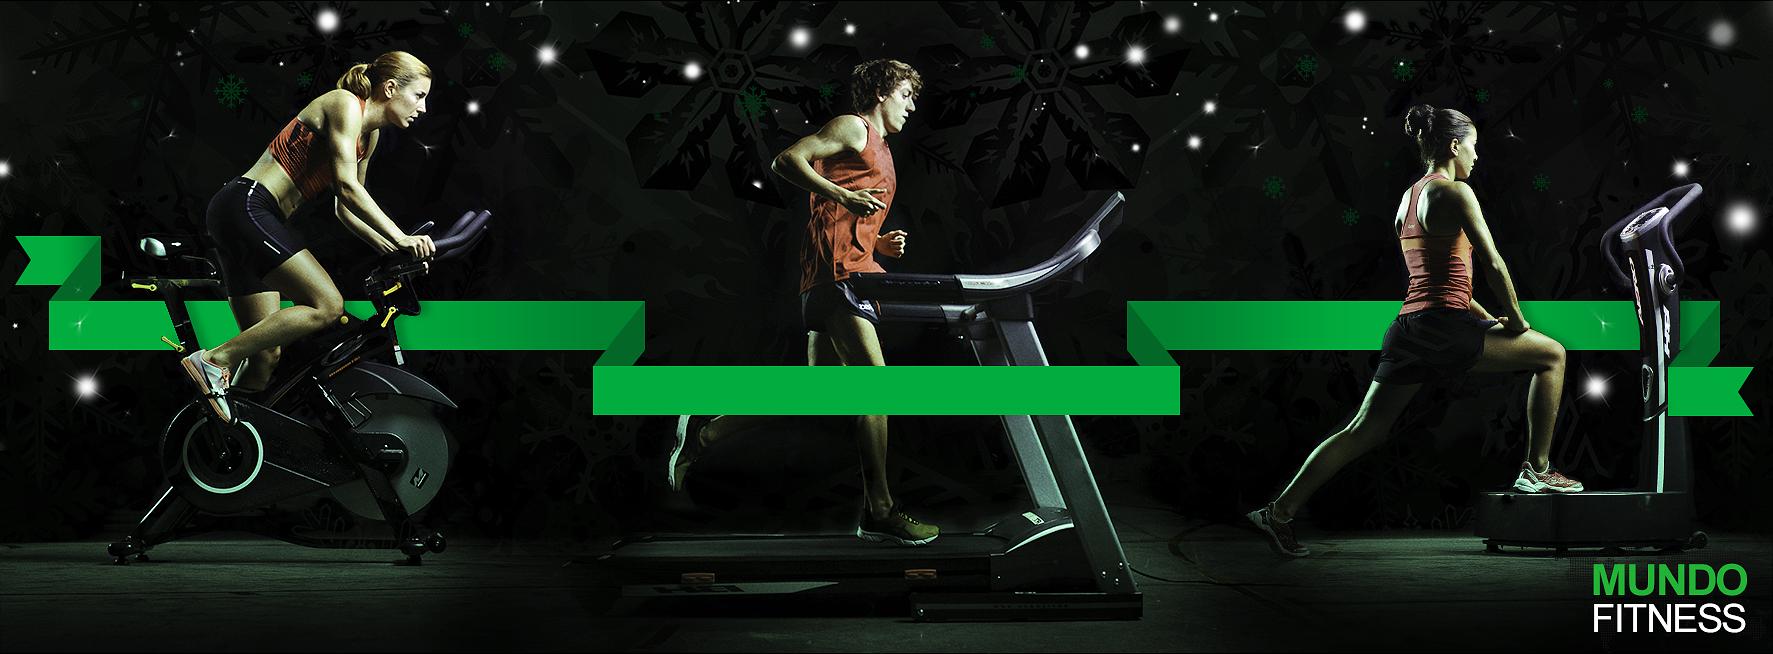 Mundo Fitness Cabecera facebook Navidad 2013 copia copia